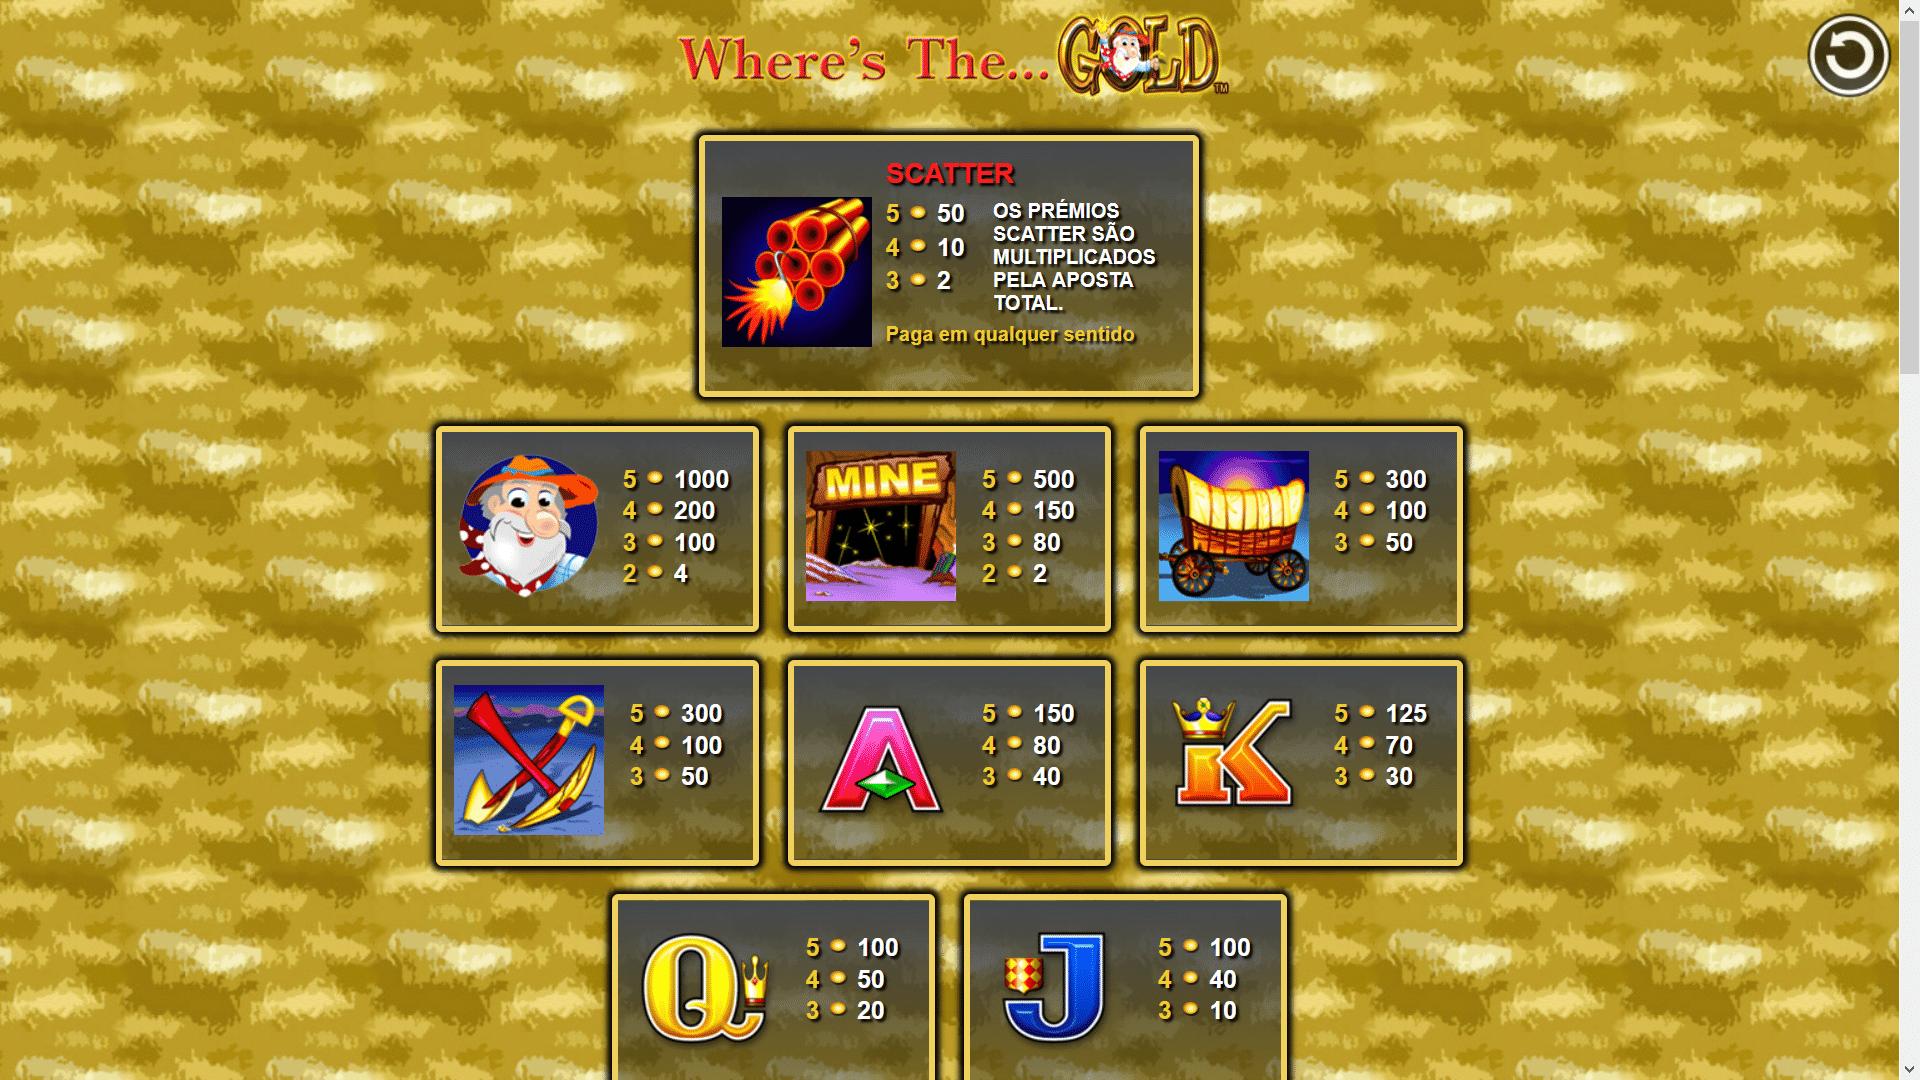 Tabella dei pagamenti della slot gratis Where's The Gold